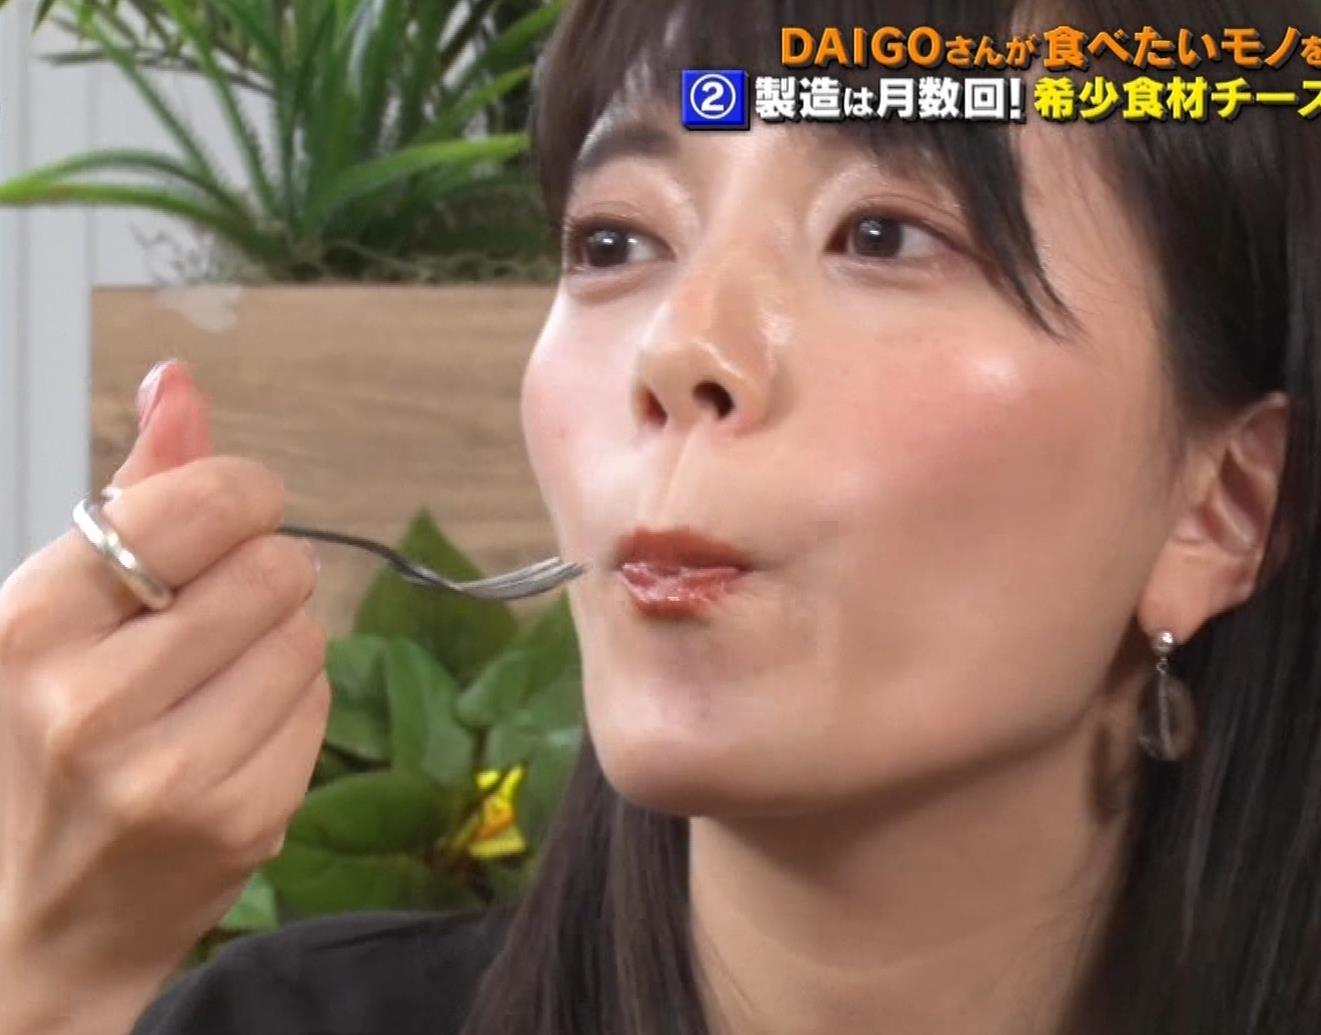 三谷紬アナ チーズケーキを美味しそうに食べるキャプ・エロ画像6